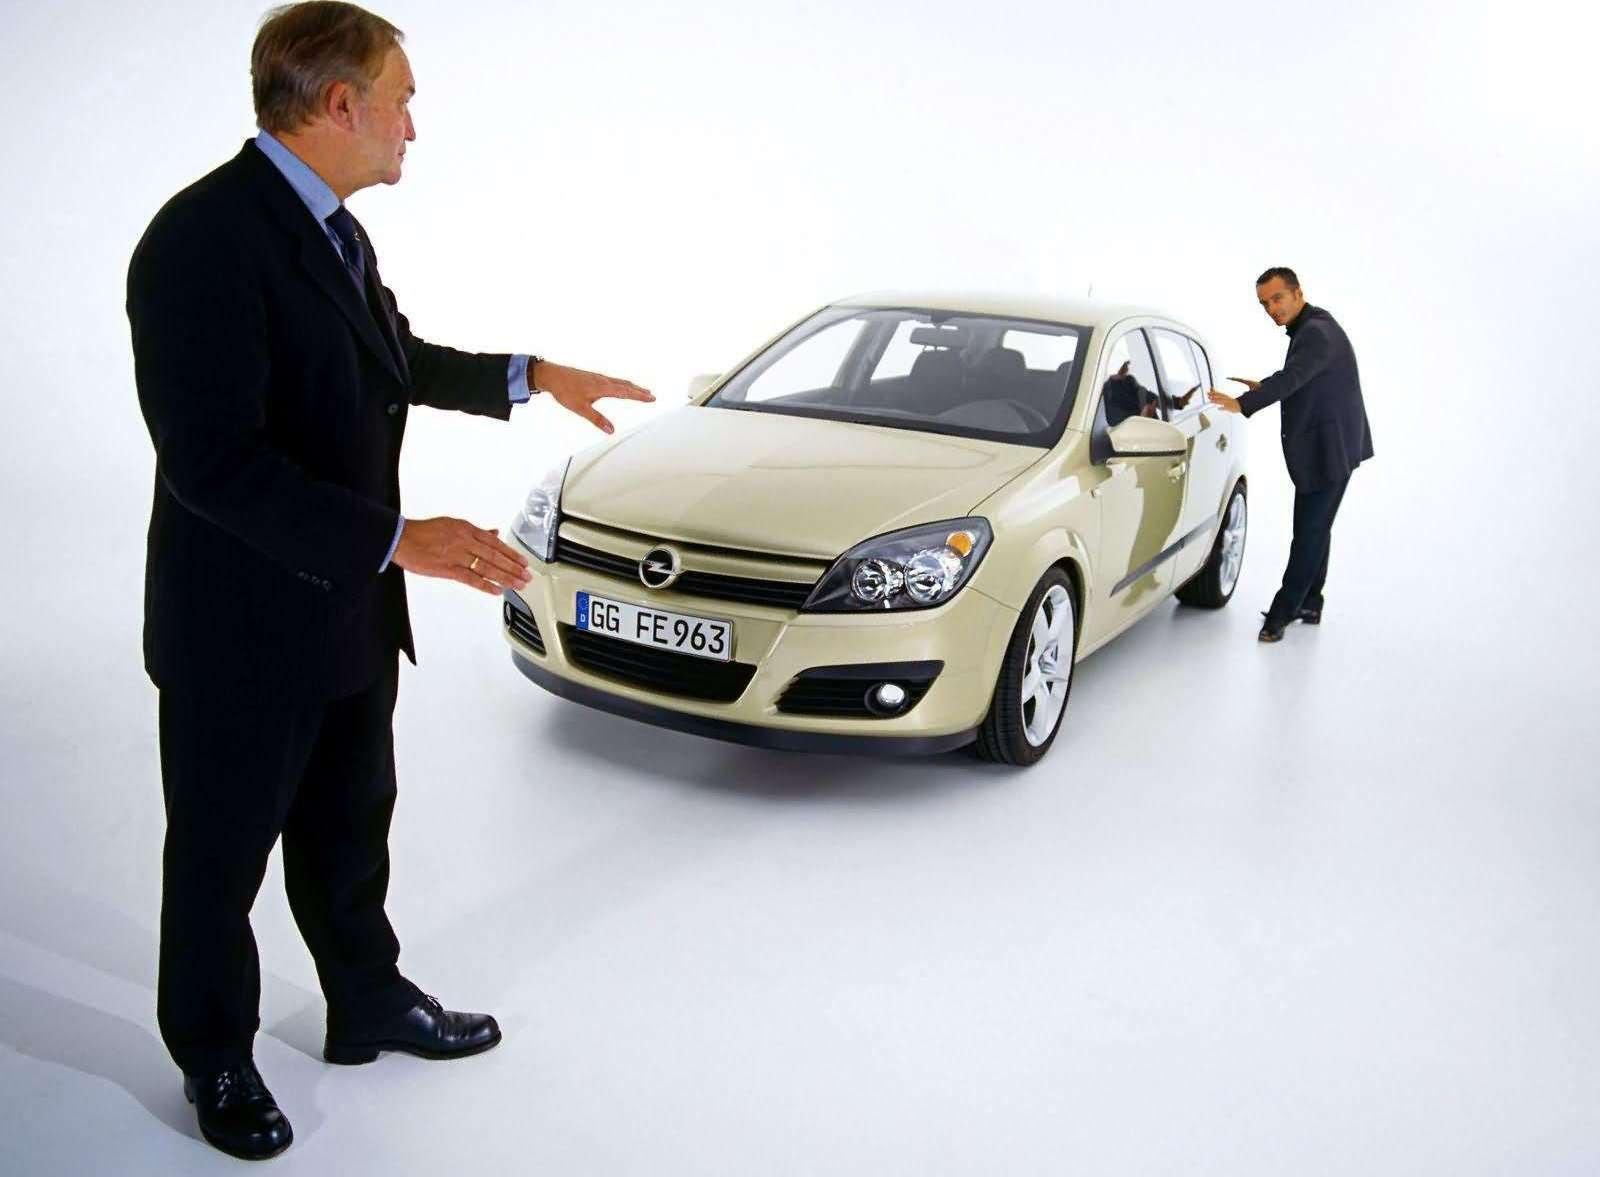 Выбор авто: а теперь то уже можно?